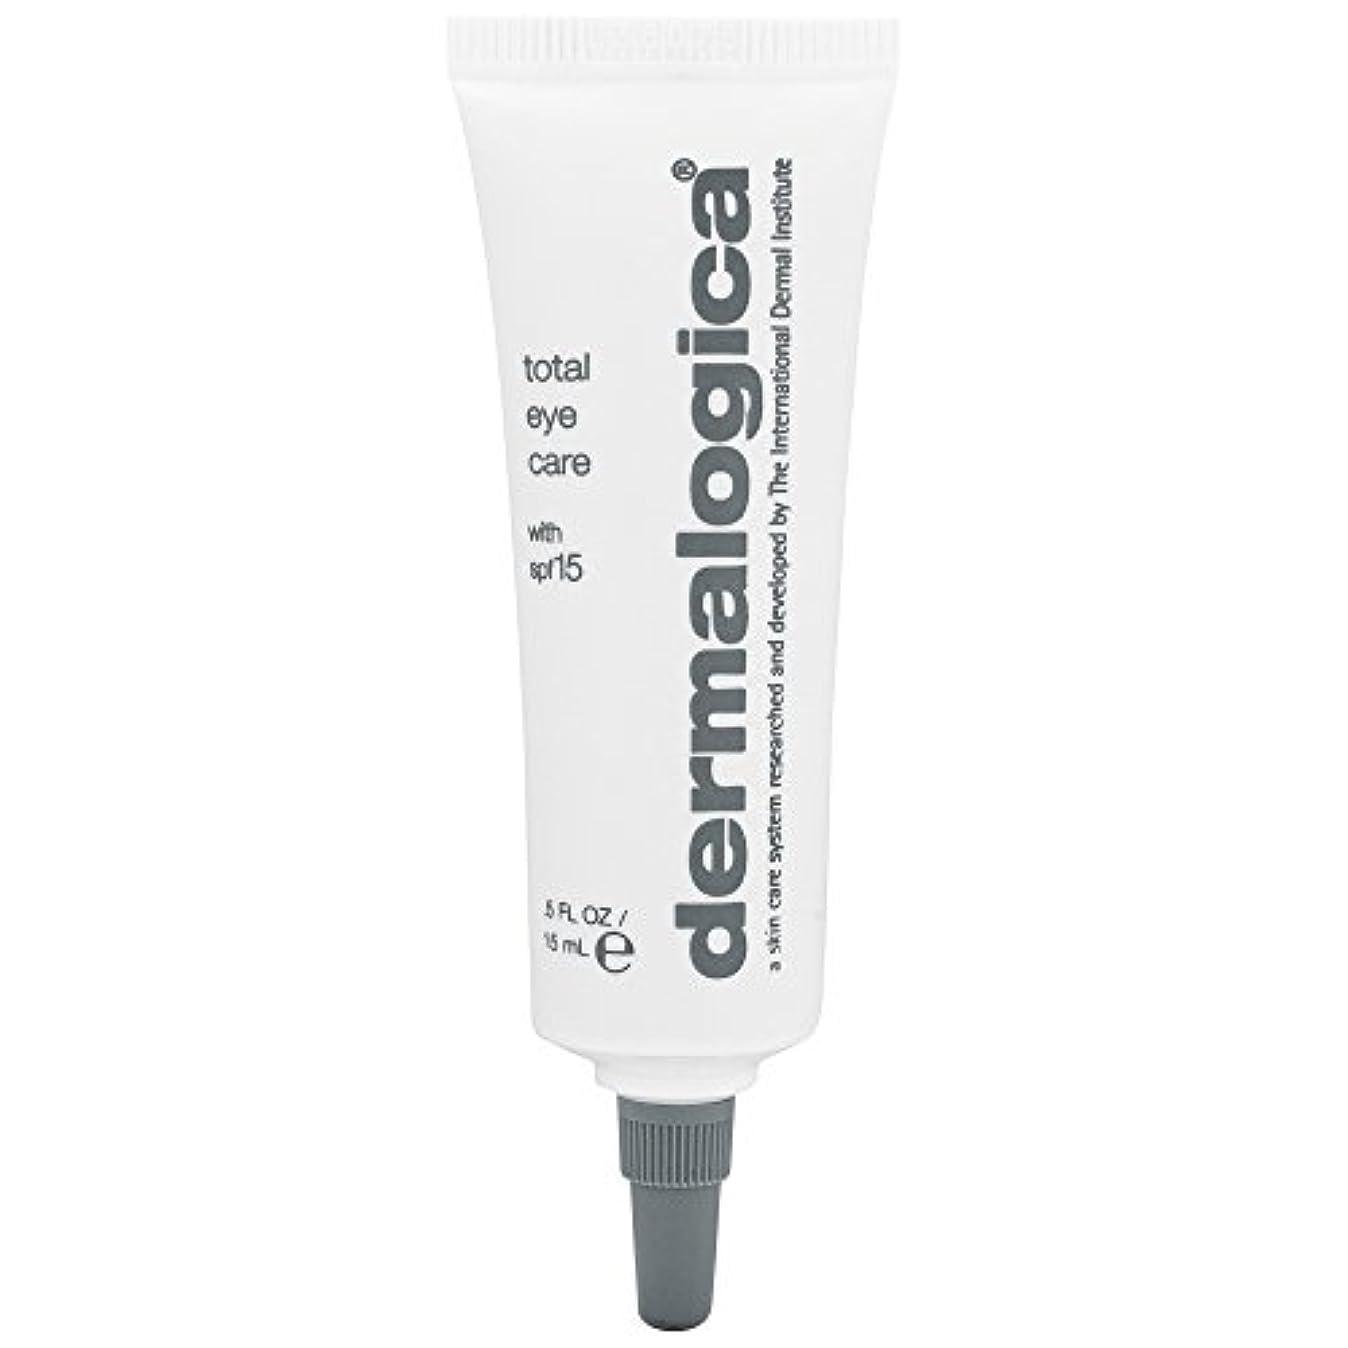 キロメートル蓋デイジーダーマロジカ総目のケアSpf 15 15ミリリットル (Dermalogica) (x6) - Dermalogica Total Eye Care SPF 15 15ml (Pack of 6) [並行輸入品]